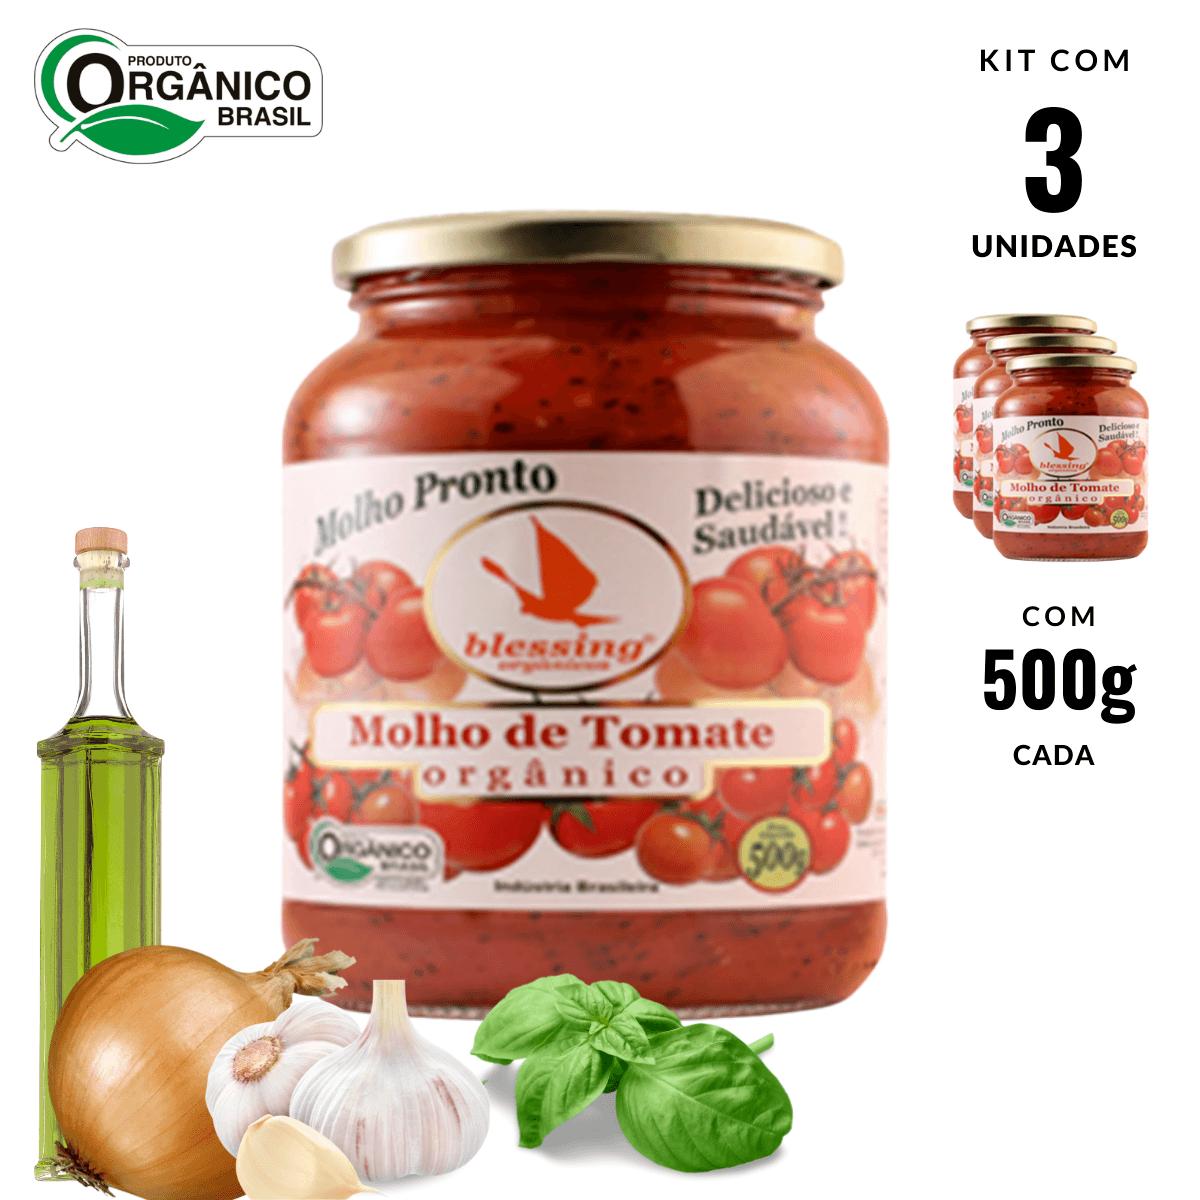 Molho de Tomate Orgânico Cebola Alho Manjericão Blessing 3un